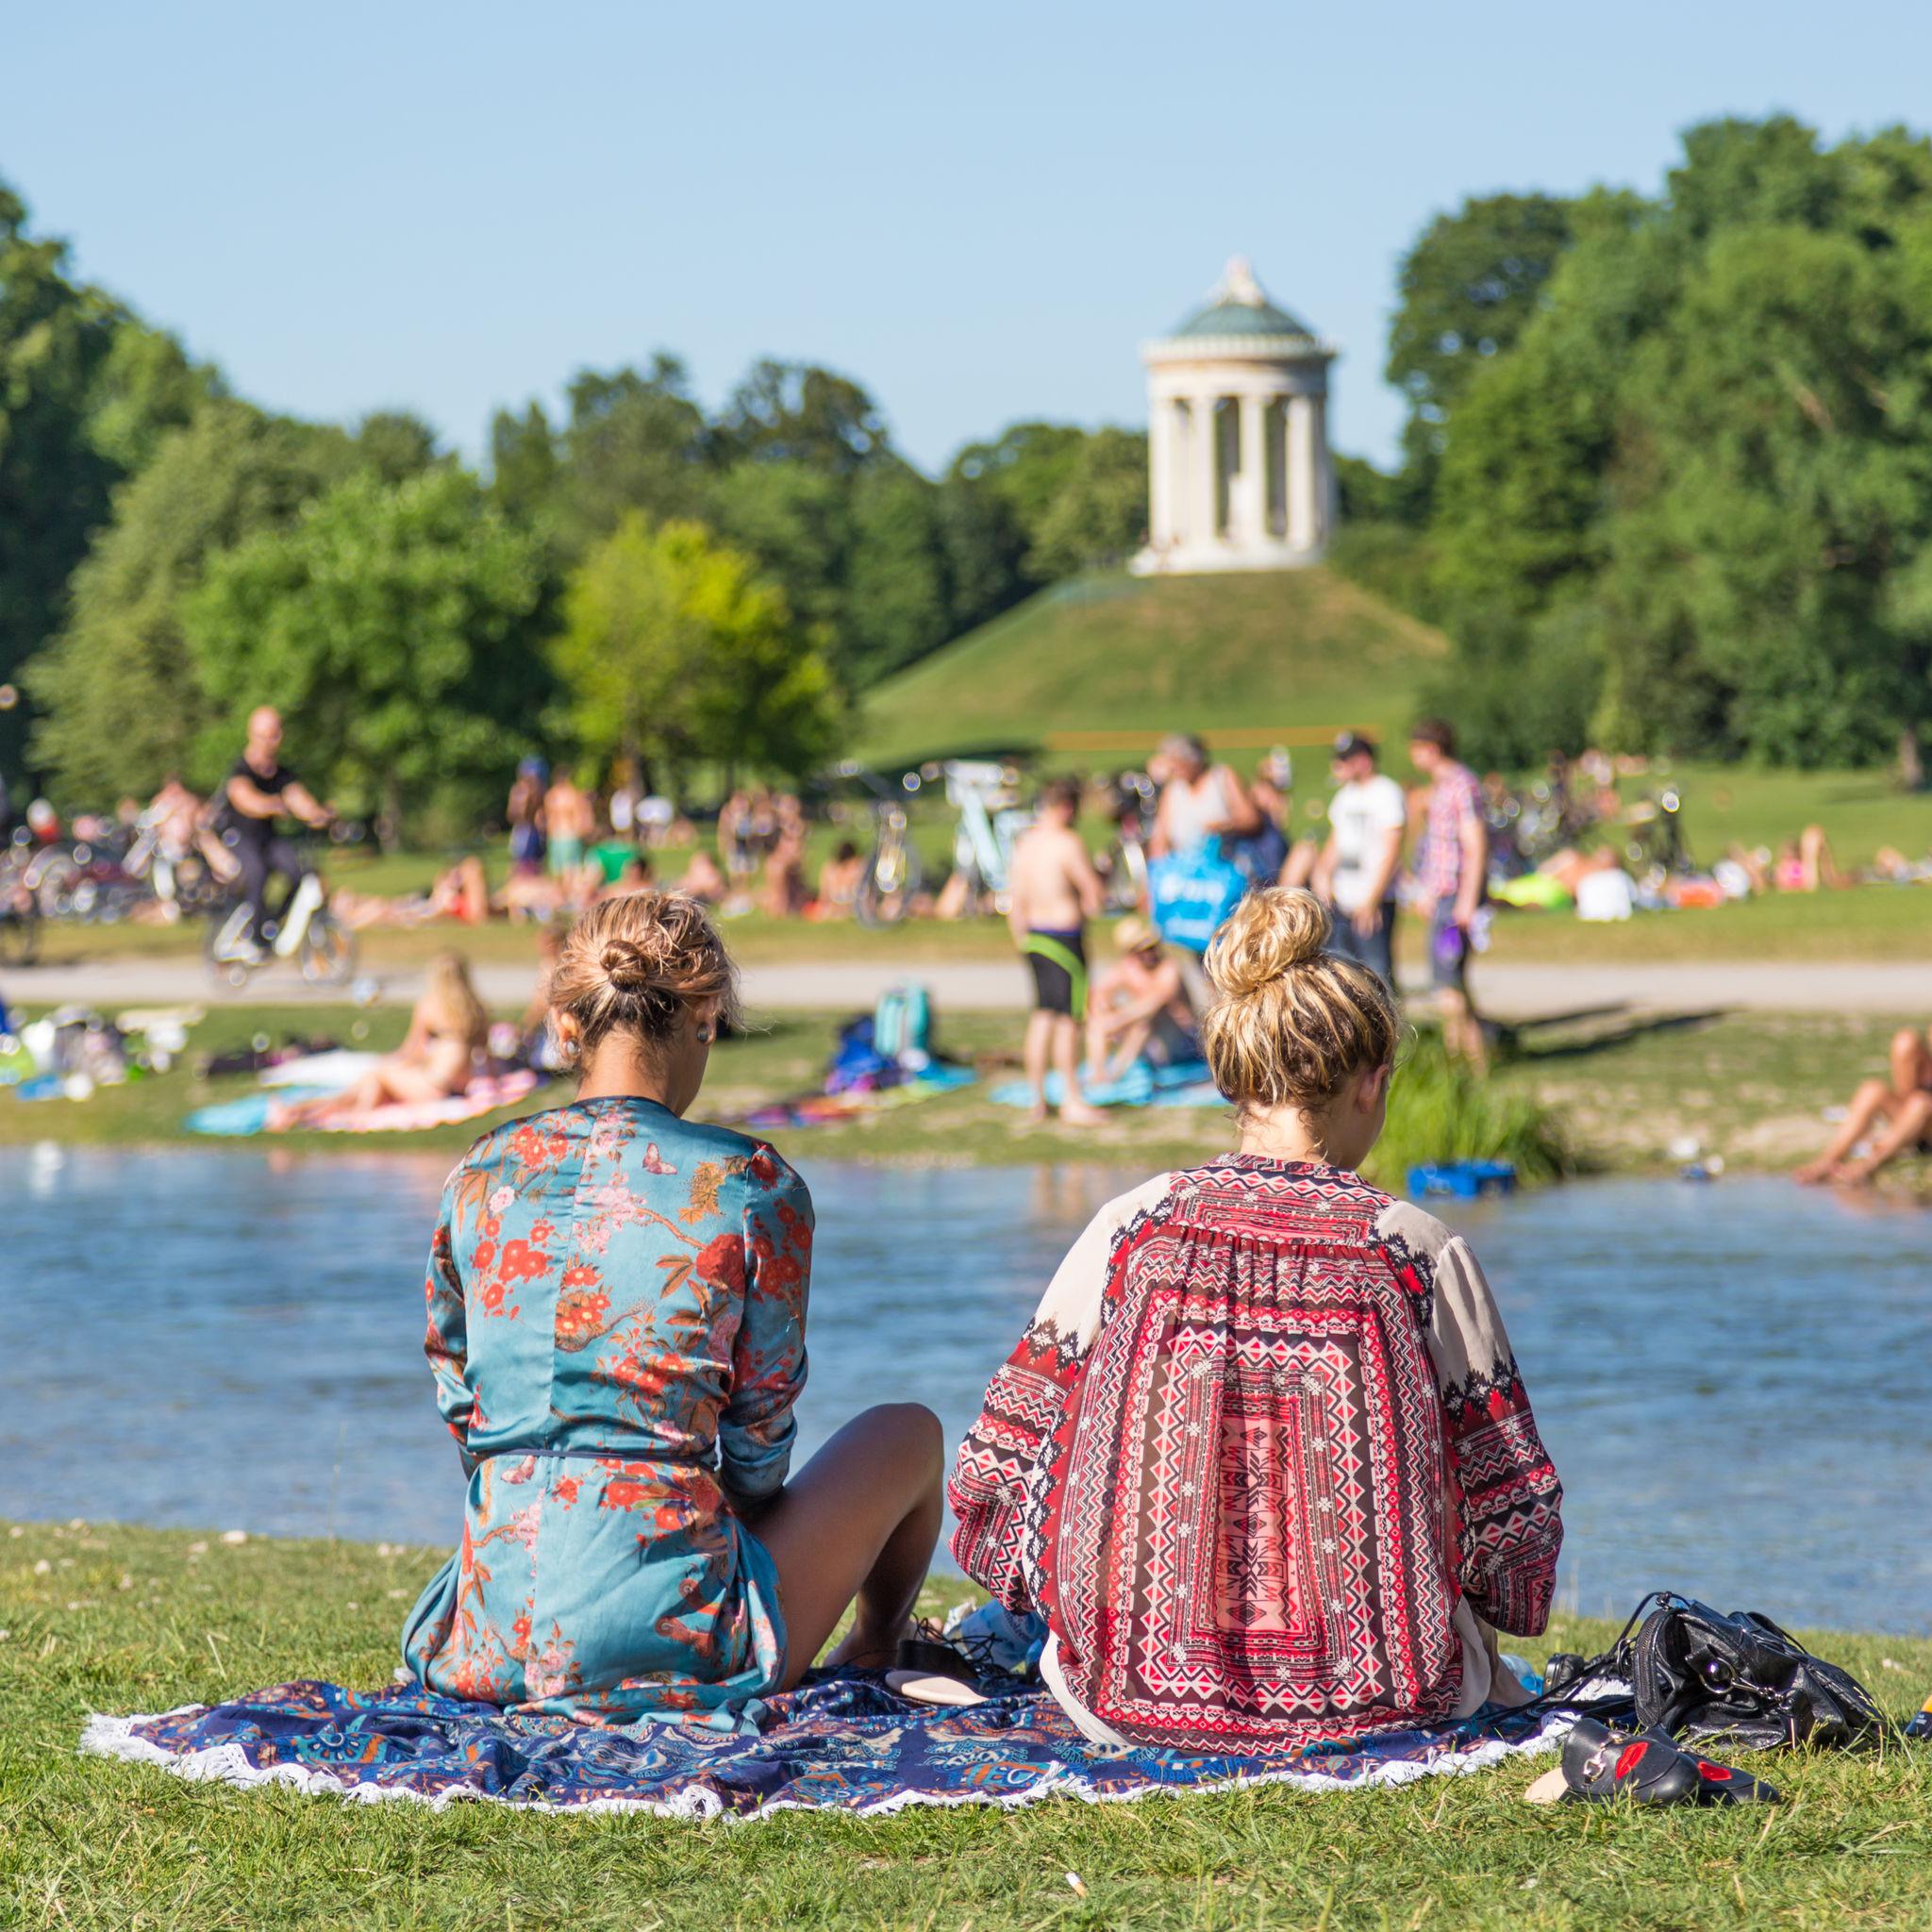 Personas disfrutando de un día de sol en Englischer Garten